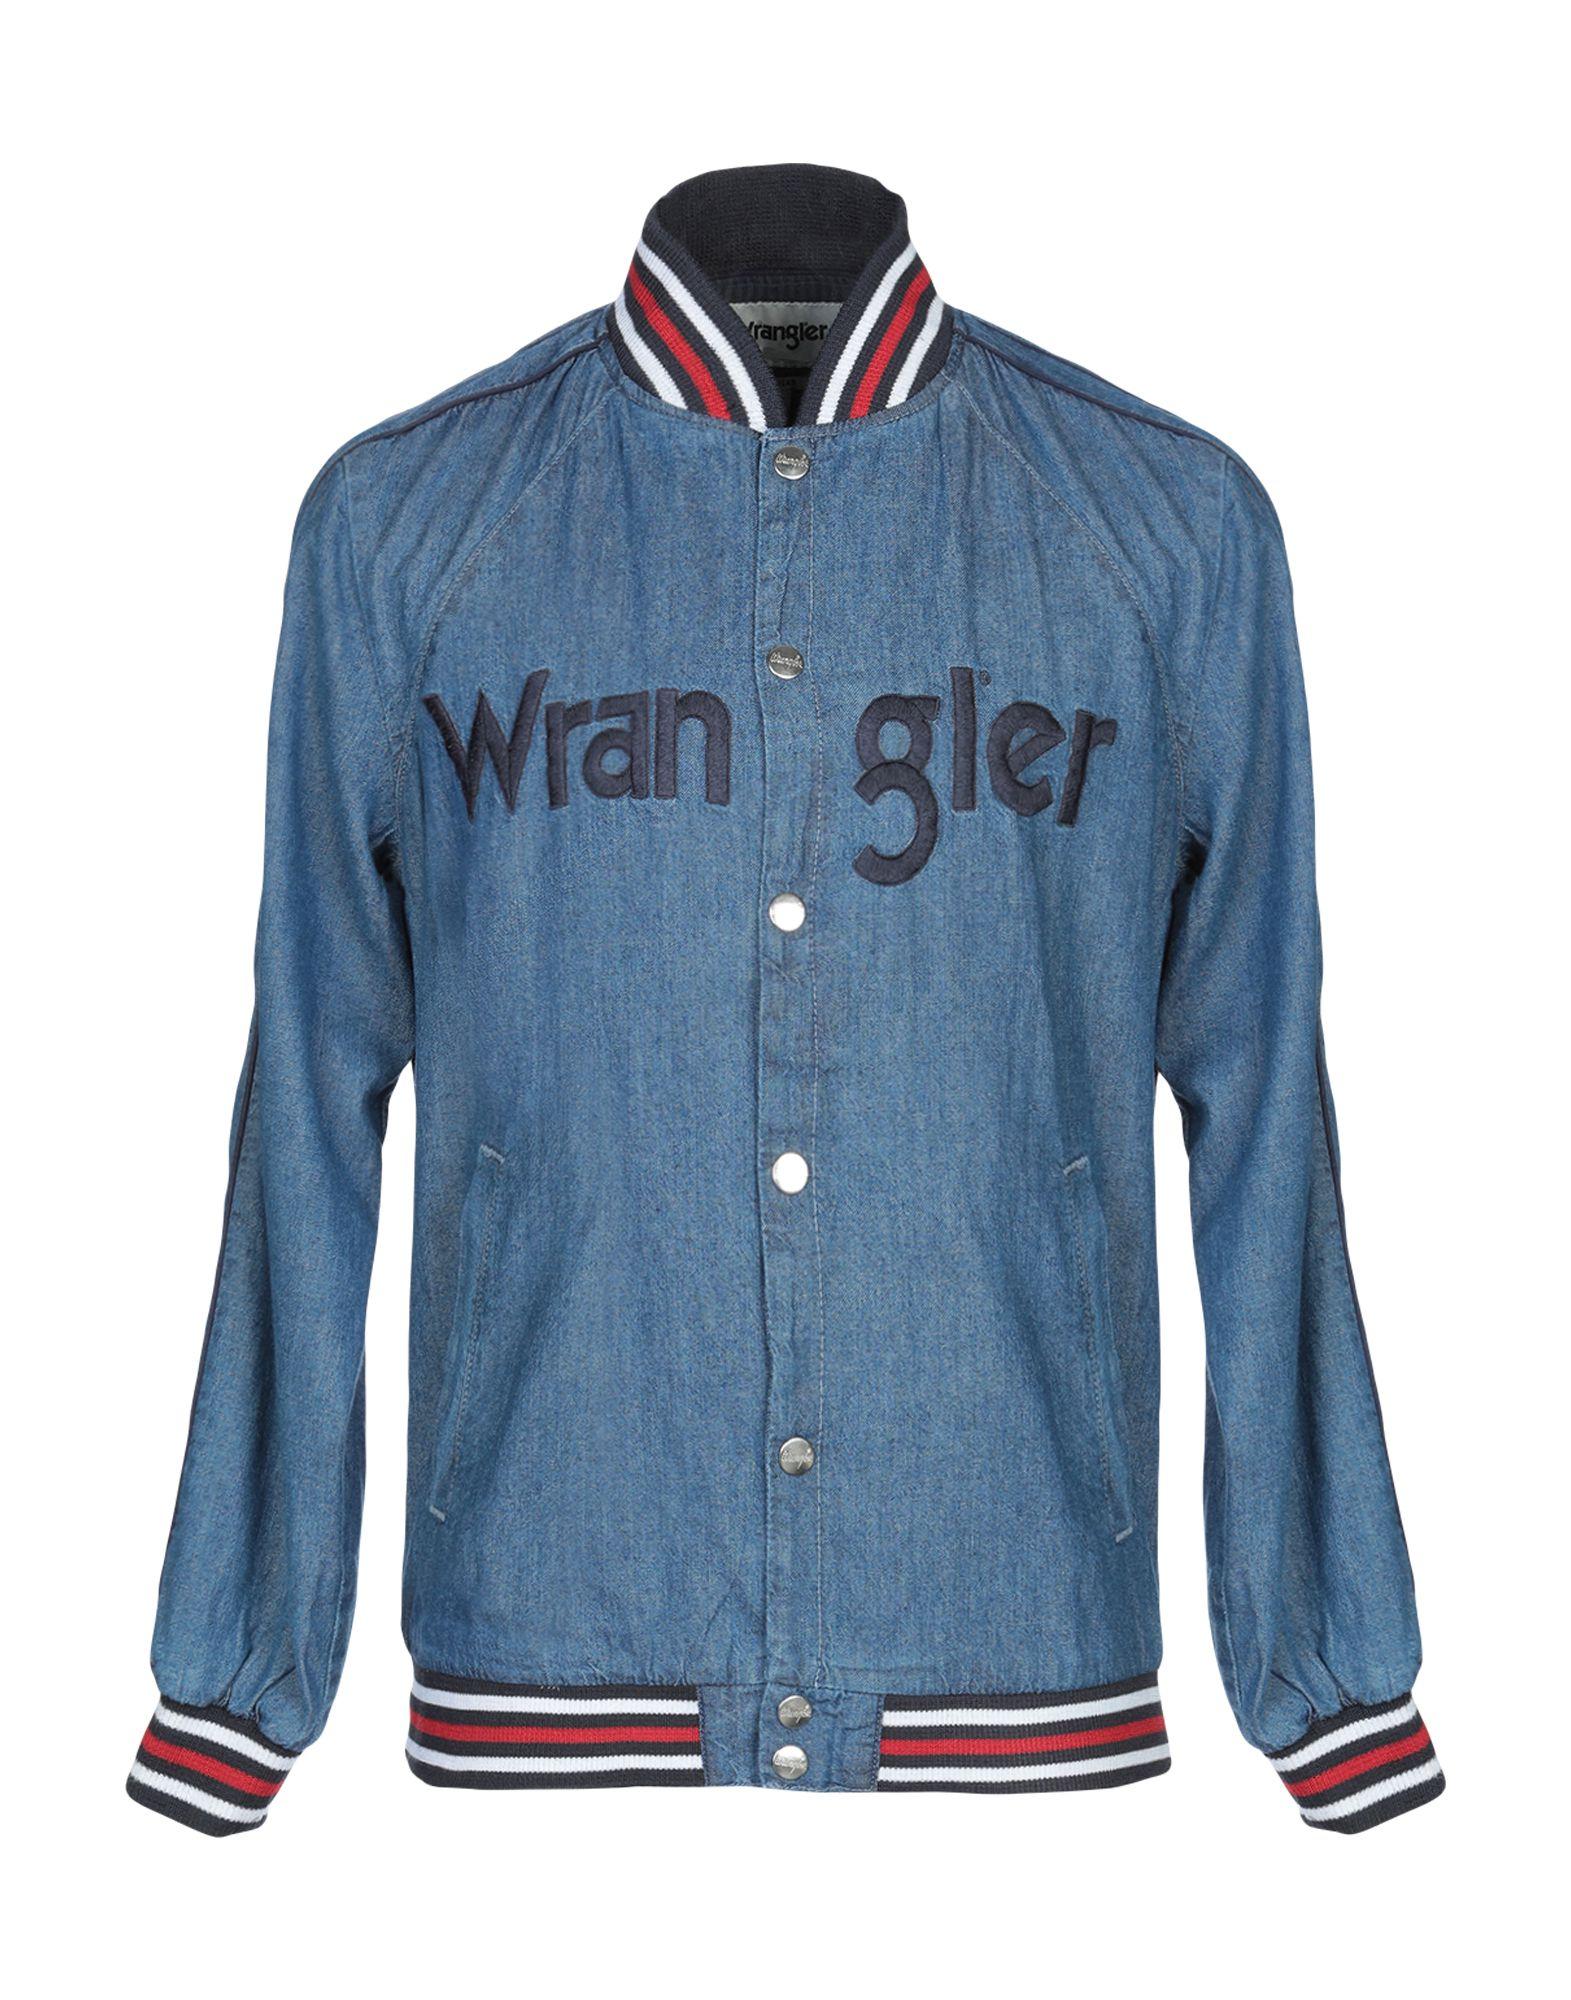 WRANGLER Джинсовая верхняя одежда